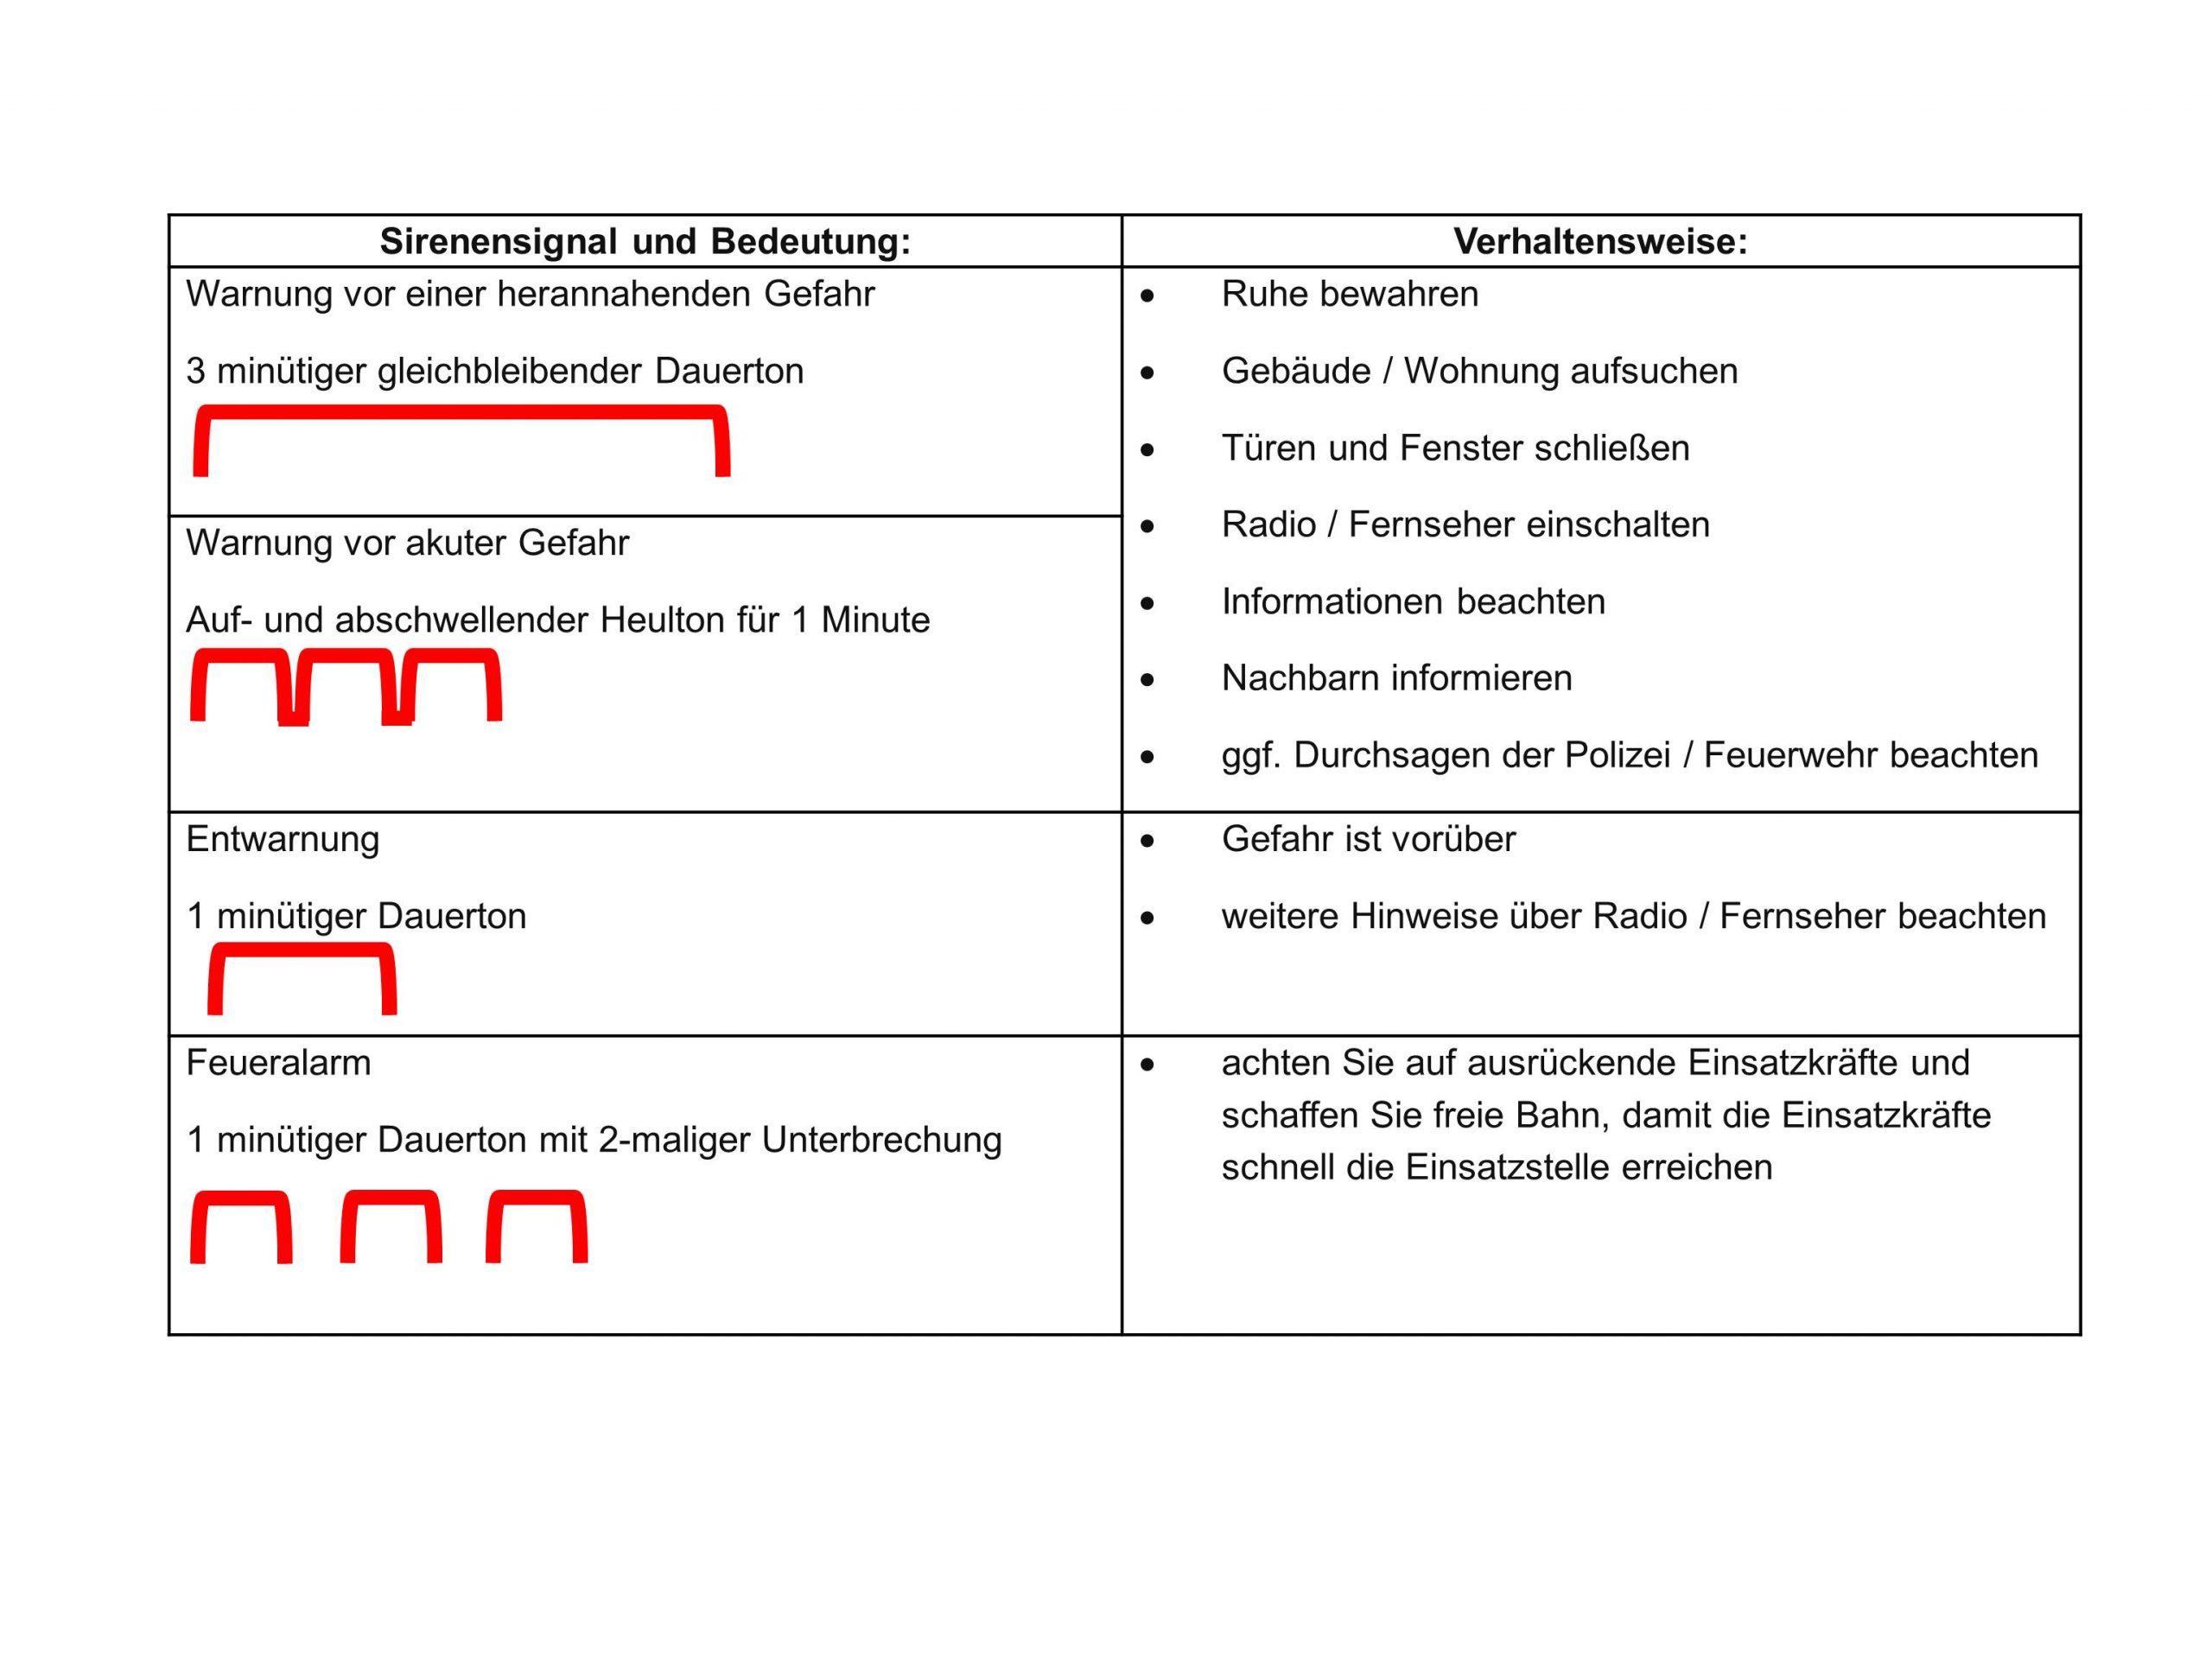 Bundesweiter Warntag: Bedeutung der Sirenensignale